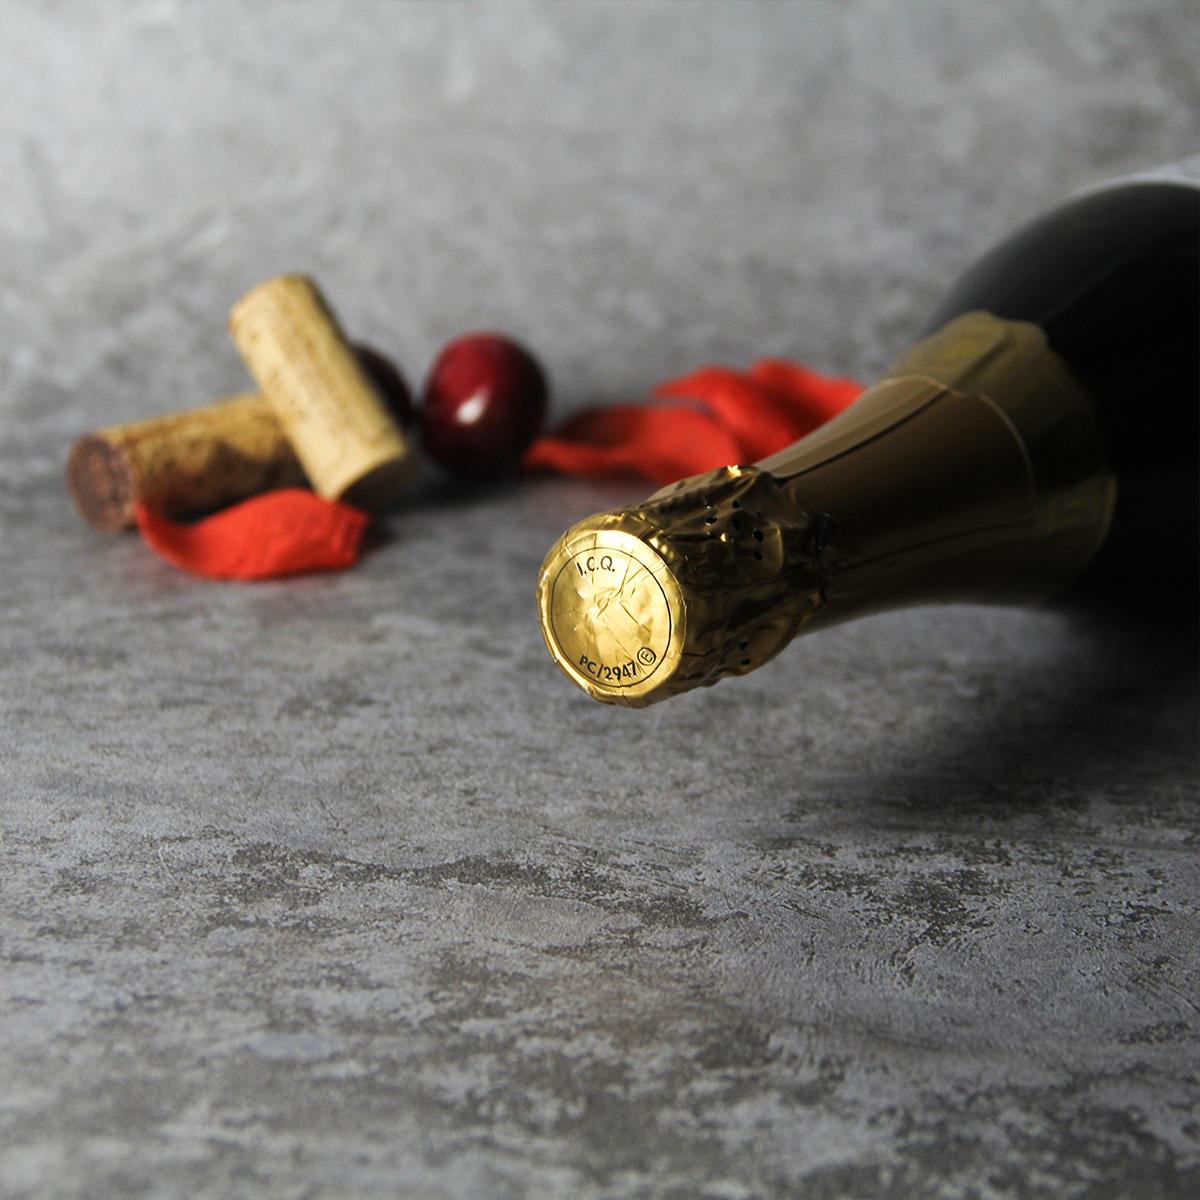 意大利皮埃蒙特万多酒庄夏翠 起泡白葡萄酒